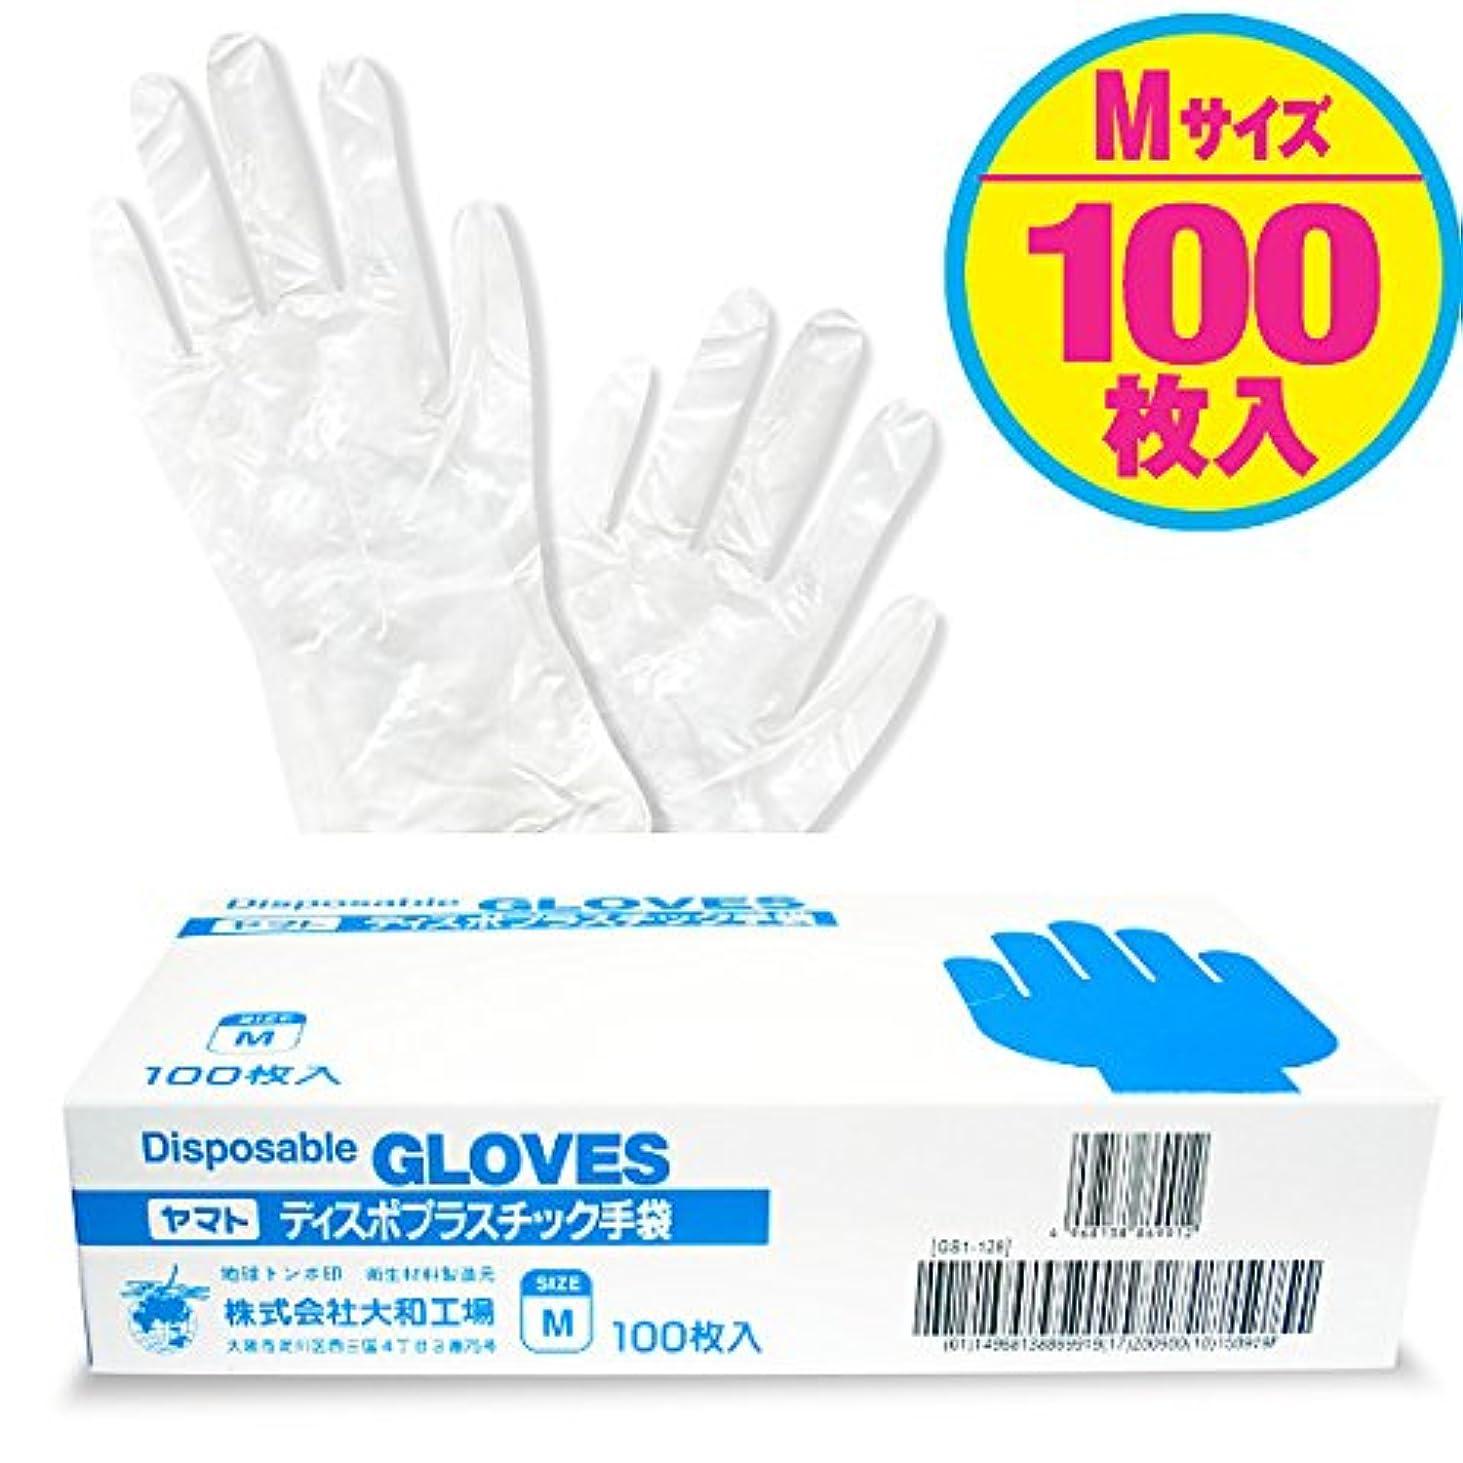 甲虫後者降伏使い捨て【プラスチック手袋/Mサイズ 】 高伸縮性プラスチック手袋/パウダーイン 《高品質?医療機関でも使用》